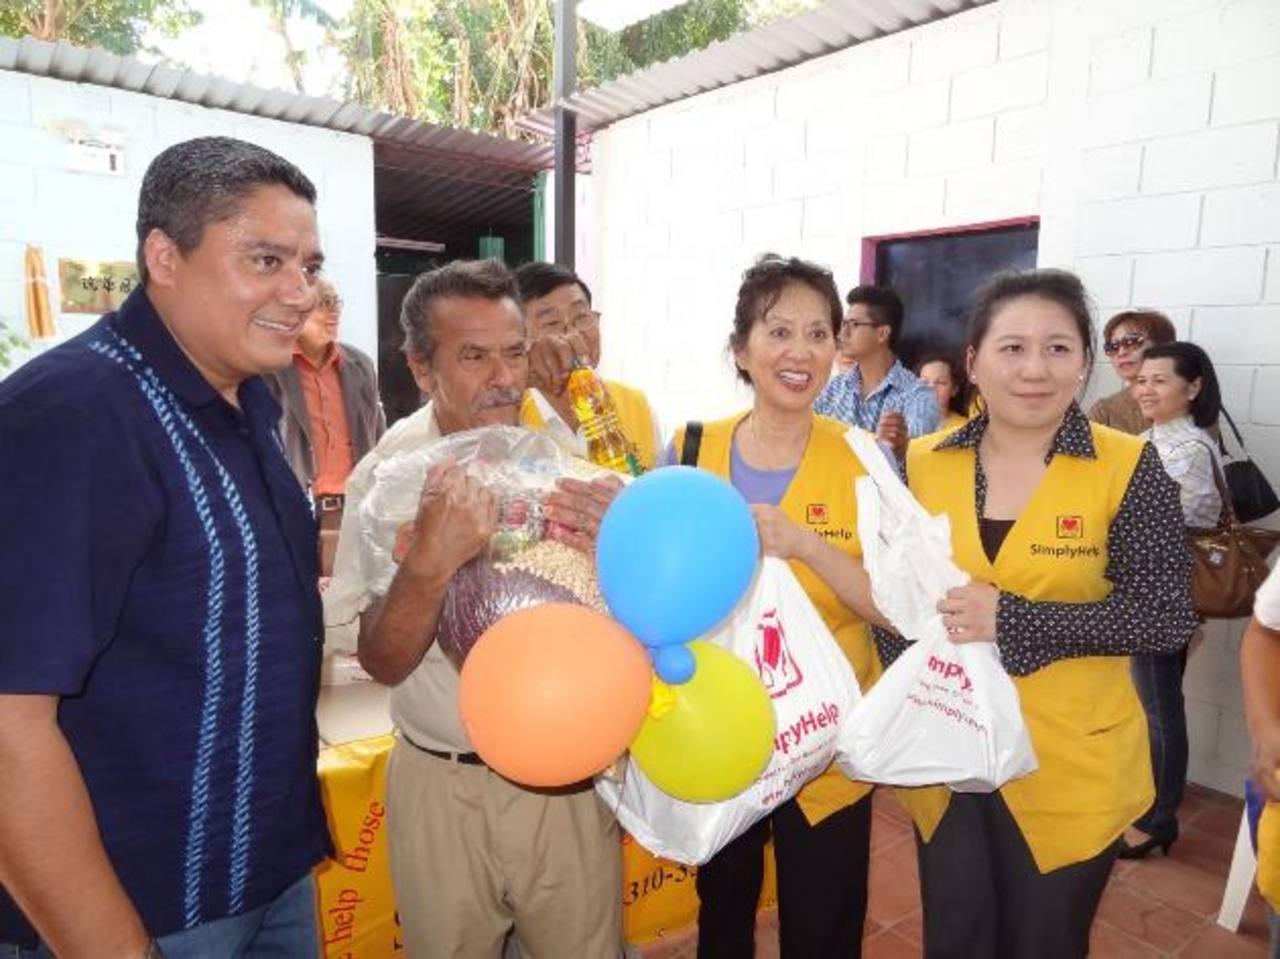 Miembros de Simply Help entregaron víveres a los asistentes de la actividad. Foto EDH / cortesia